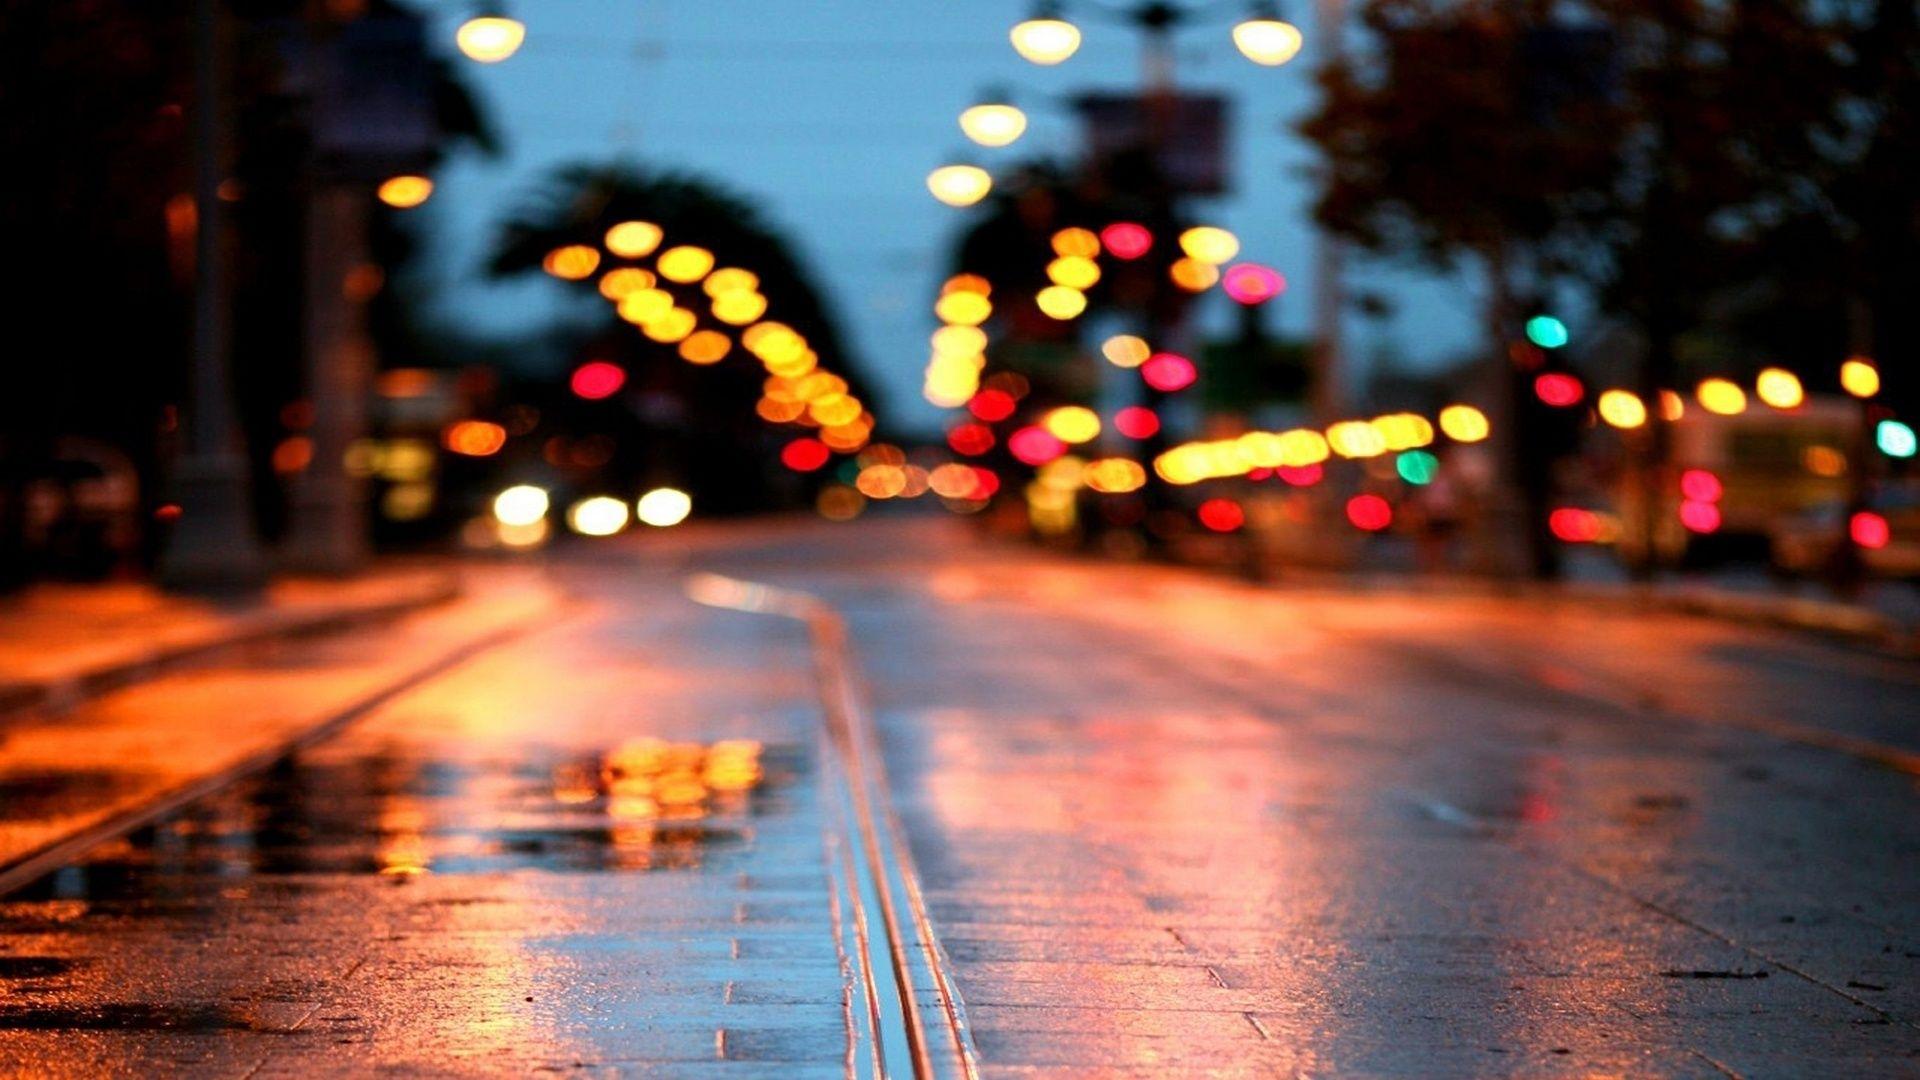 Free City Lights Wallpaper 24307 1920x1080 Px Hdwallsource Com City Lights Wallpaper Bokeh Wallpaper Image Photography